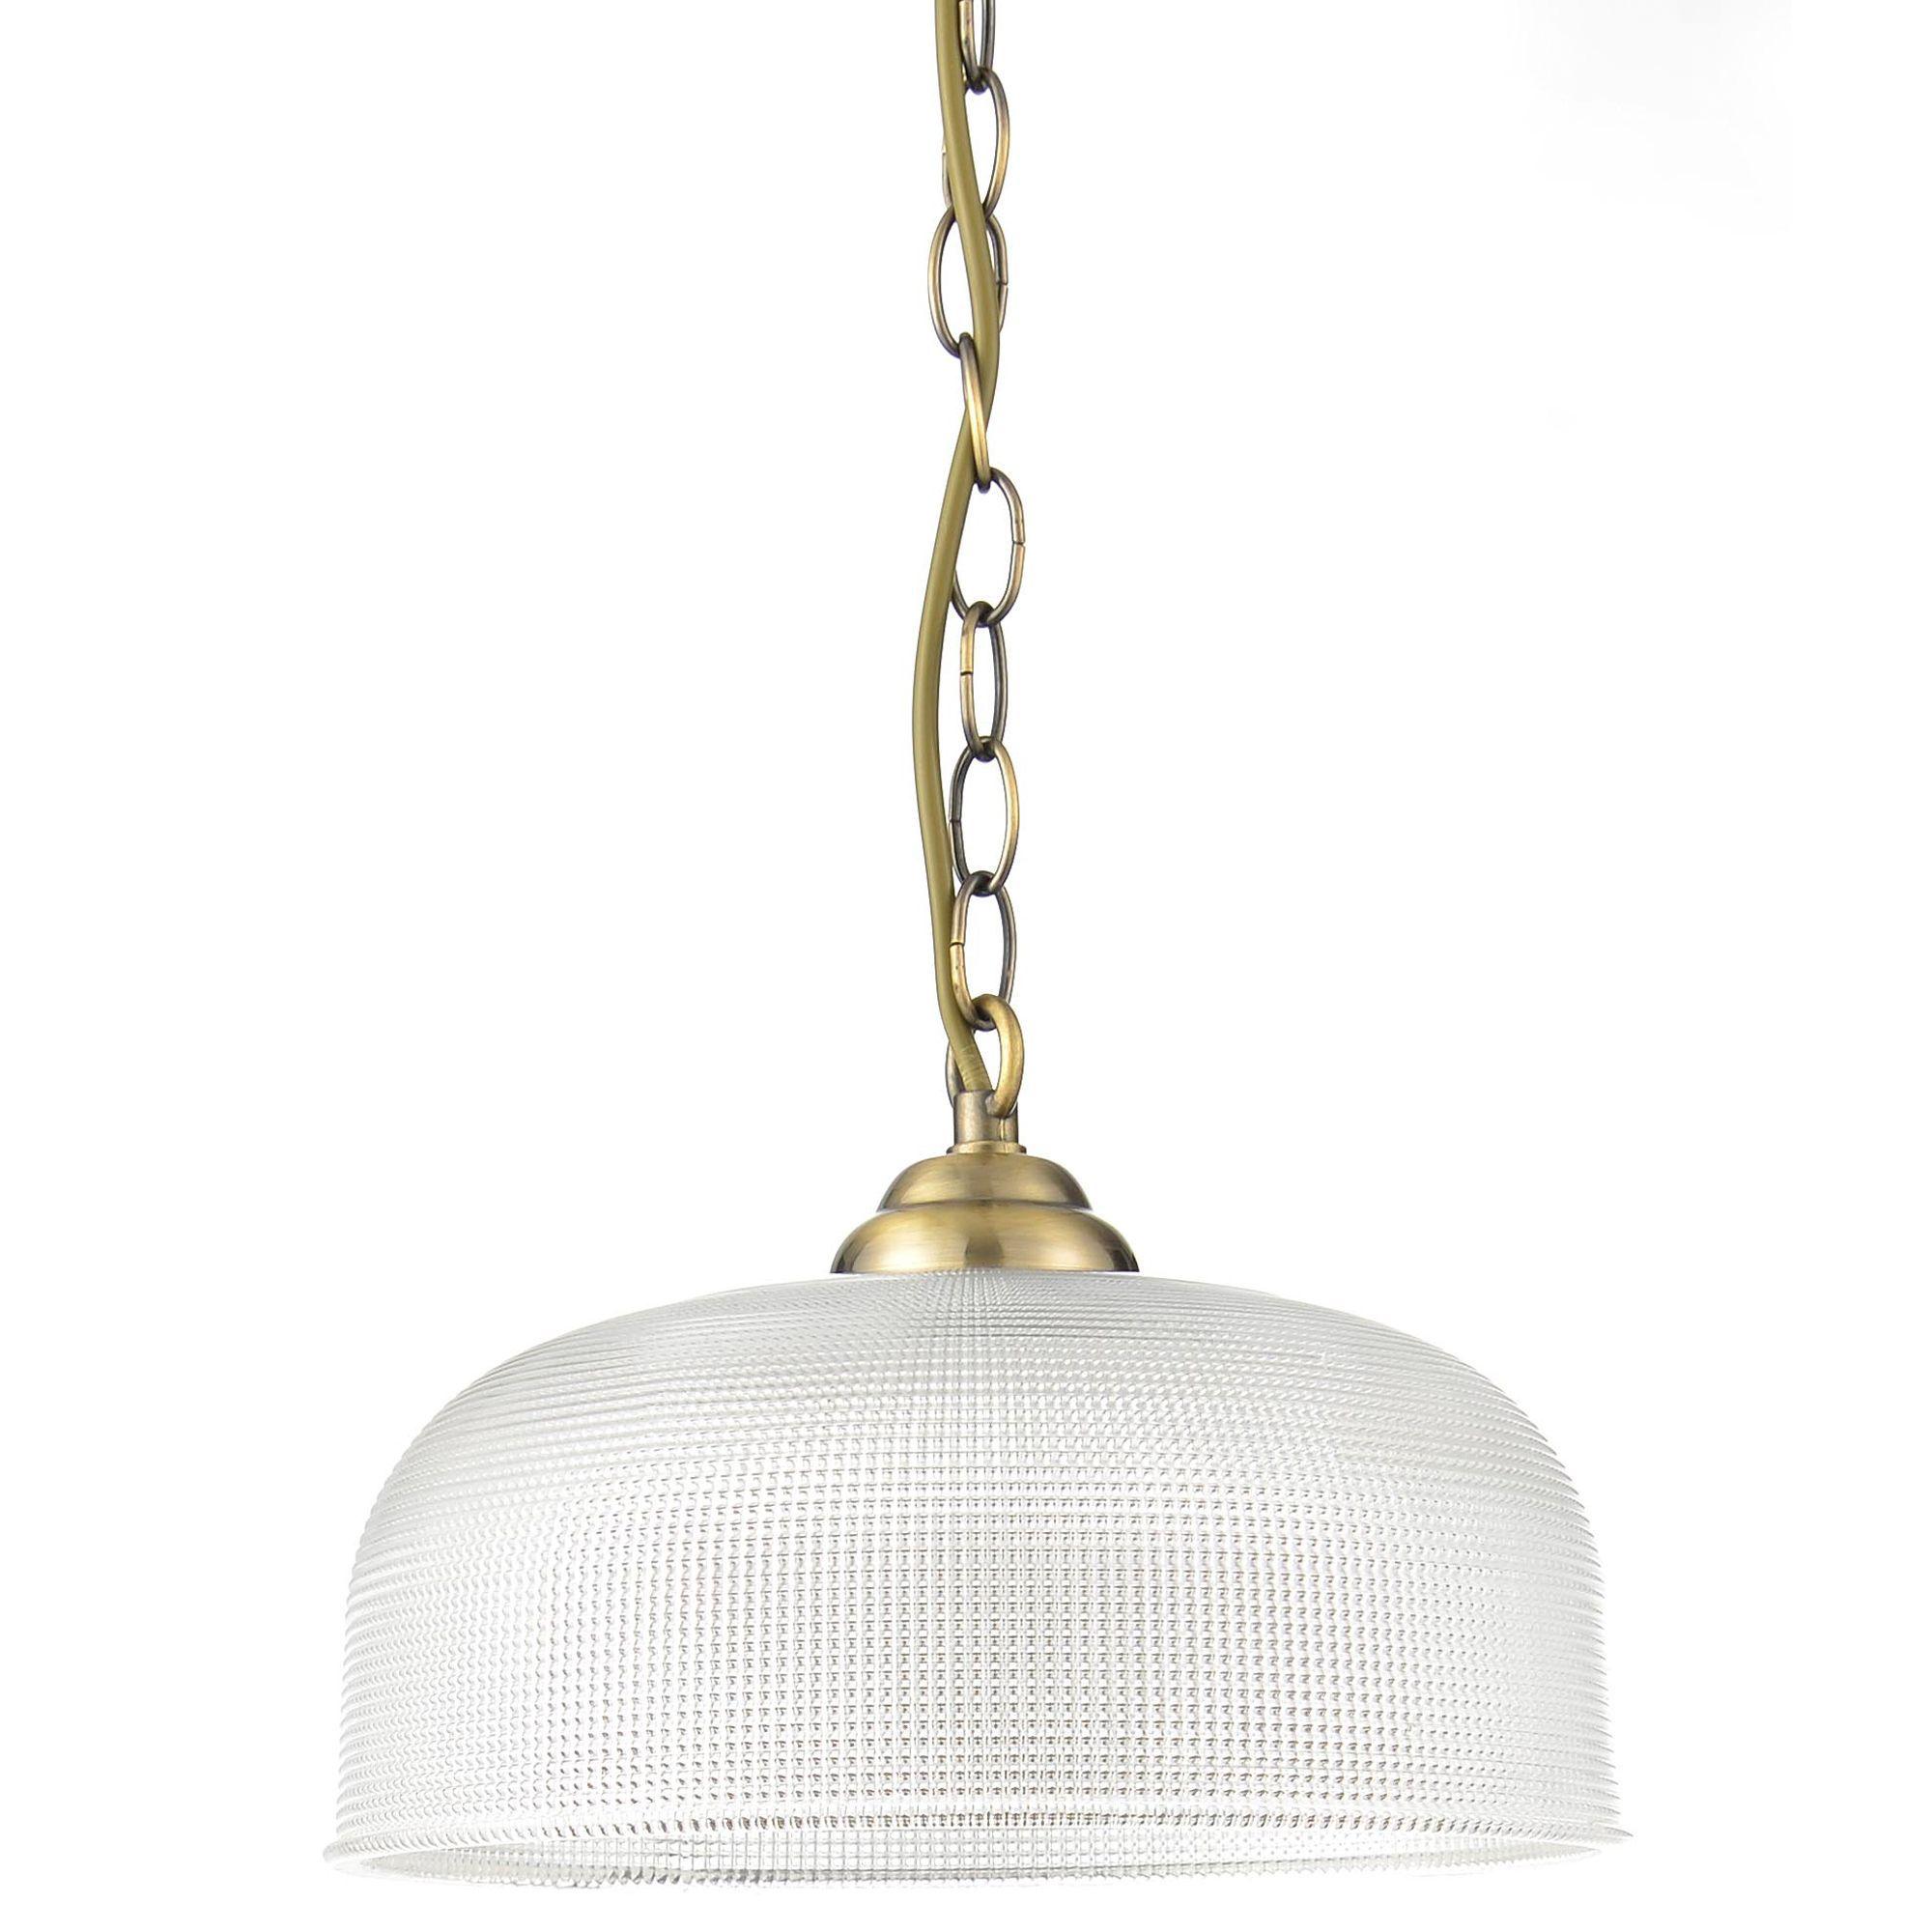 Ola antique brass effect 3 lamp pendant ceiling light for Homemade ceiling lamp